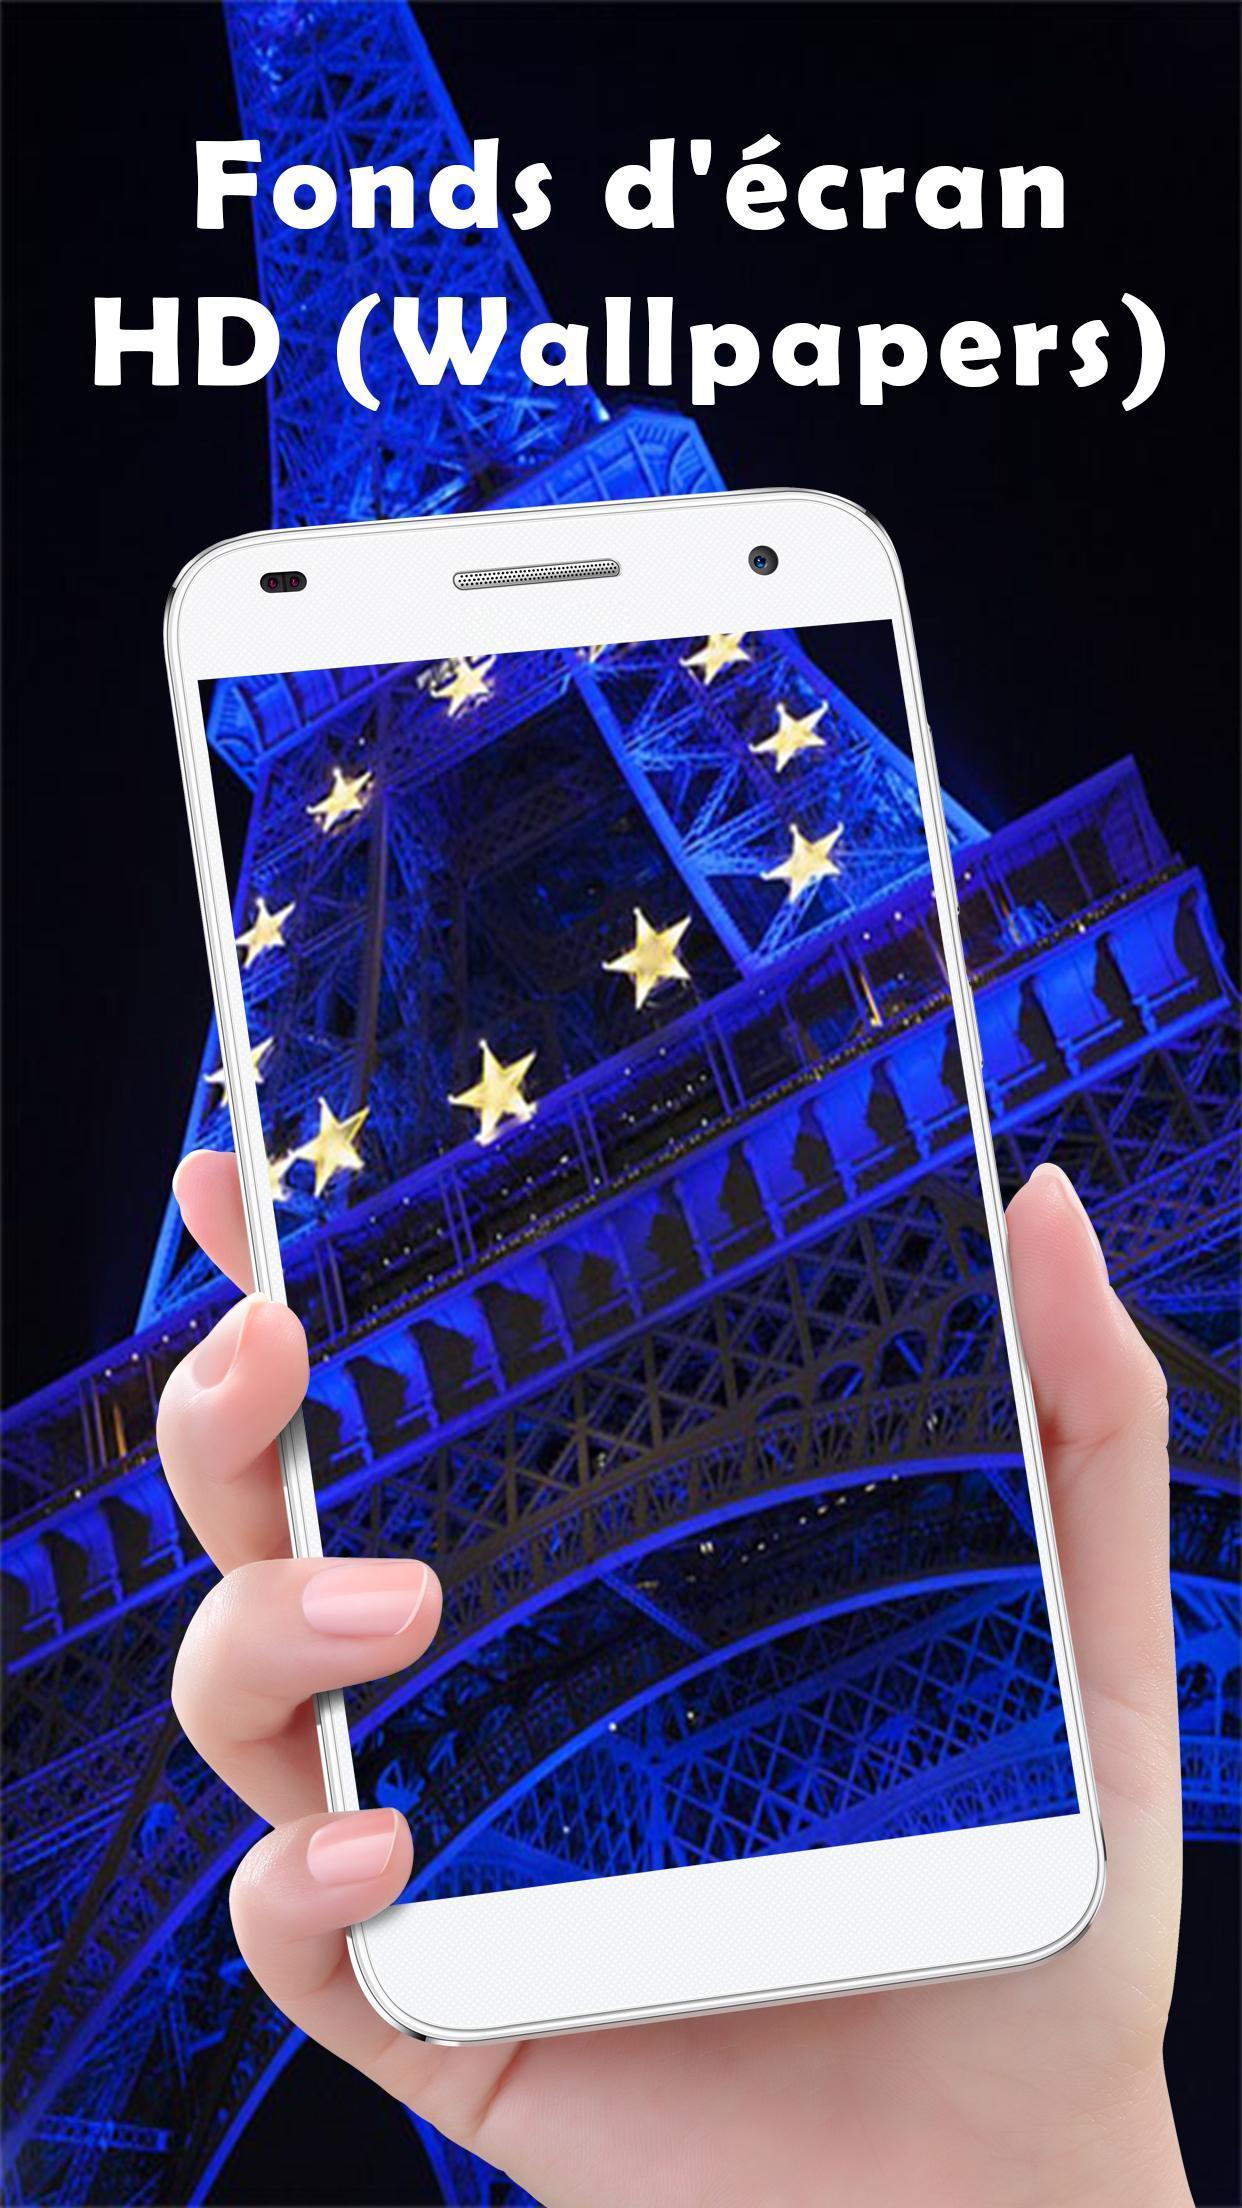 Image Fond D Ecran Gratuit Hd 2019 Wallpapers Pour Android Telechargez L Apk